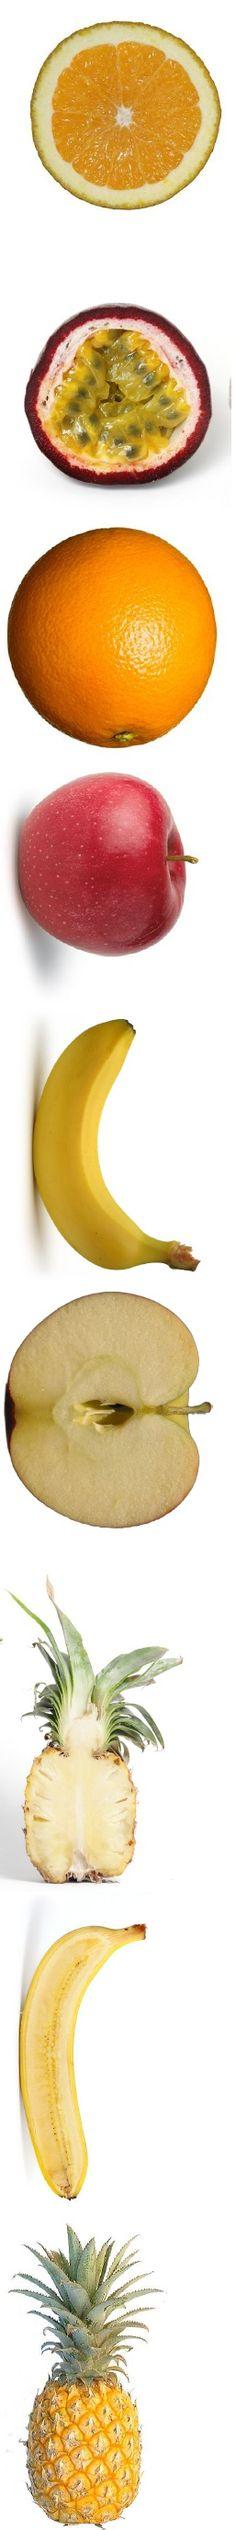 Fruit - inside/outside printables